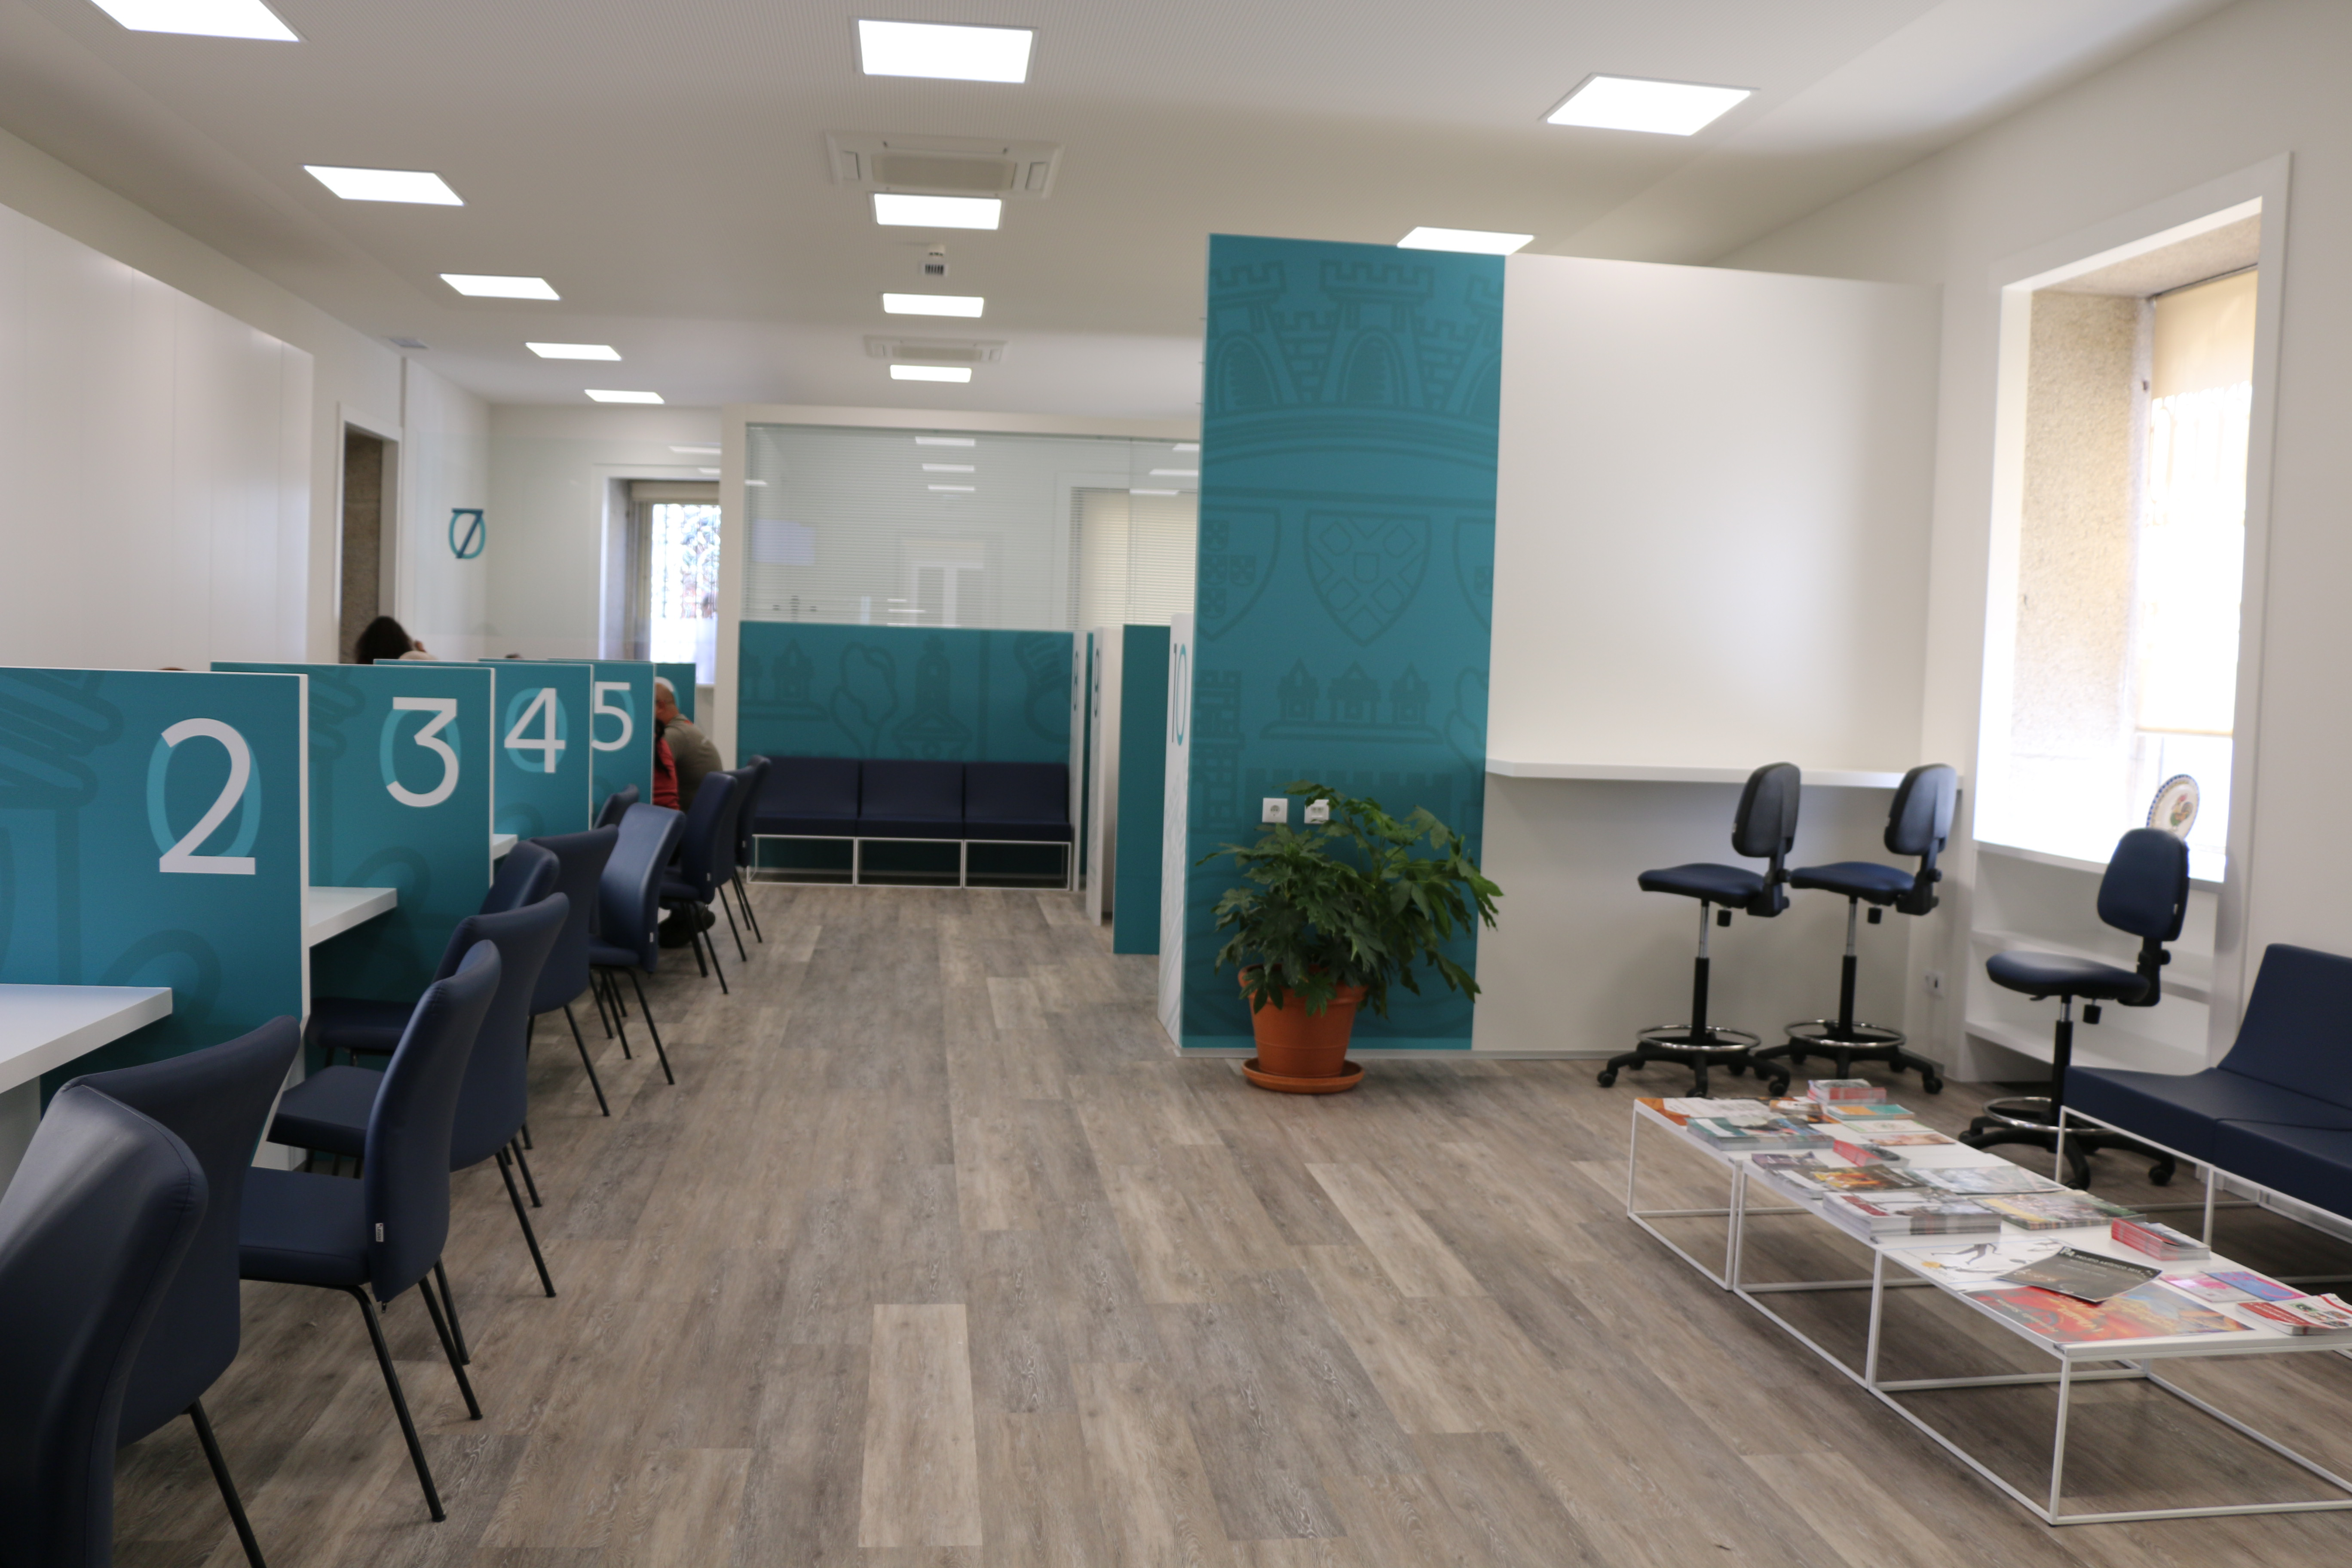 Município de Barcelos reabre espaços municipais